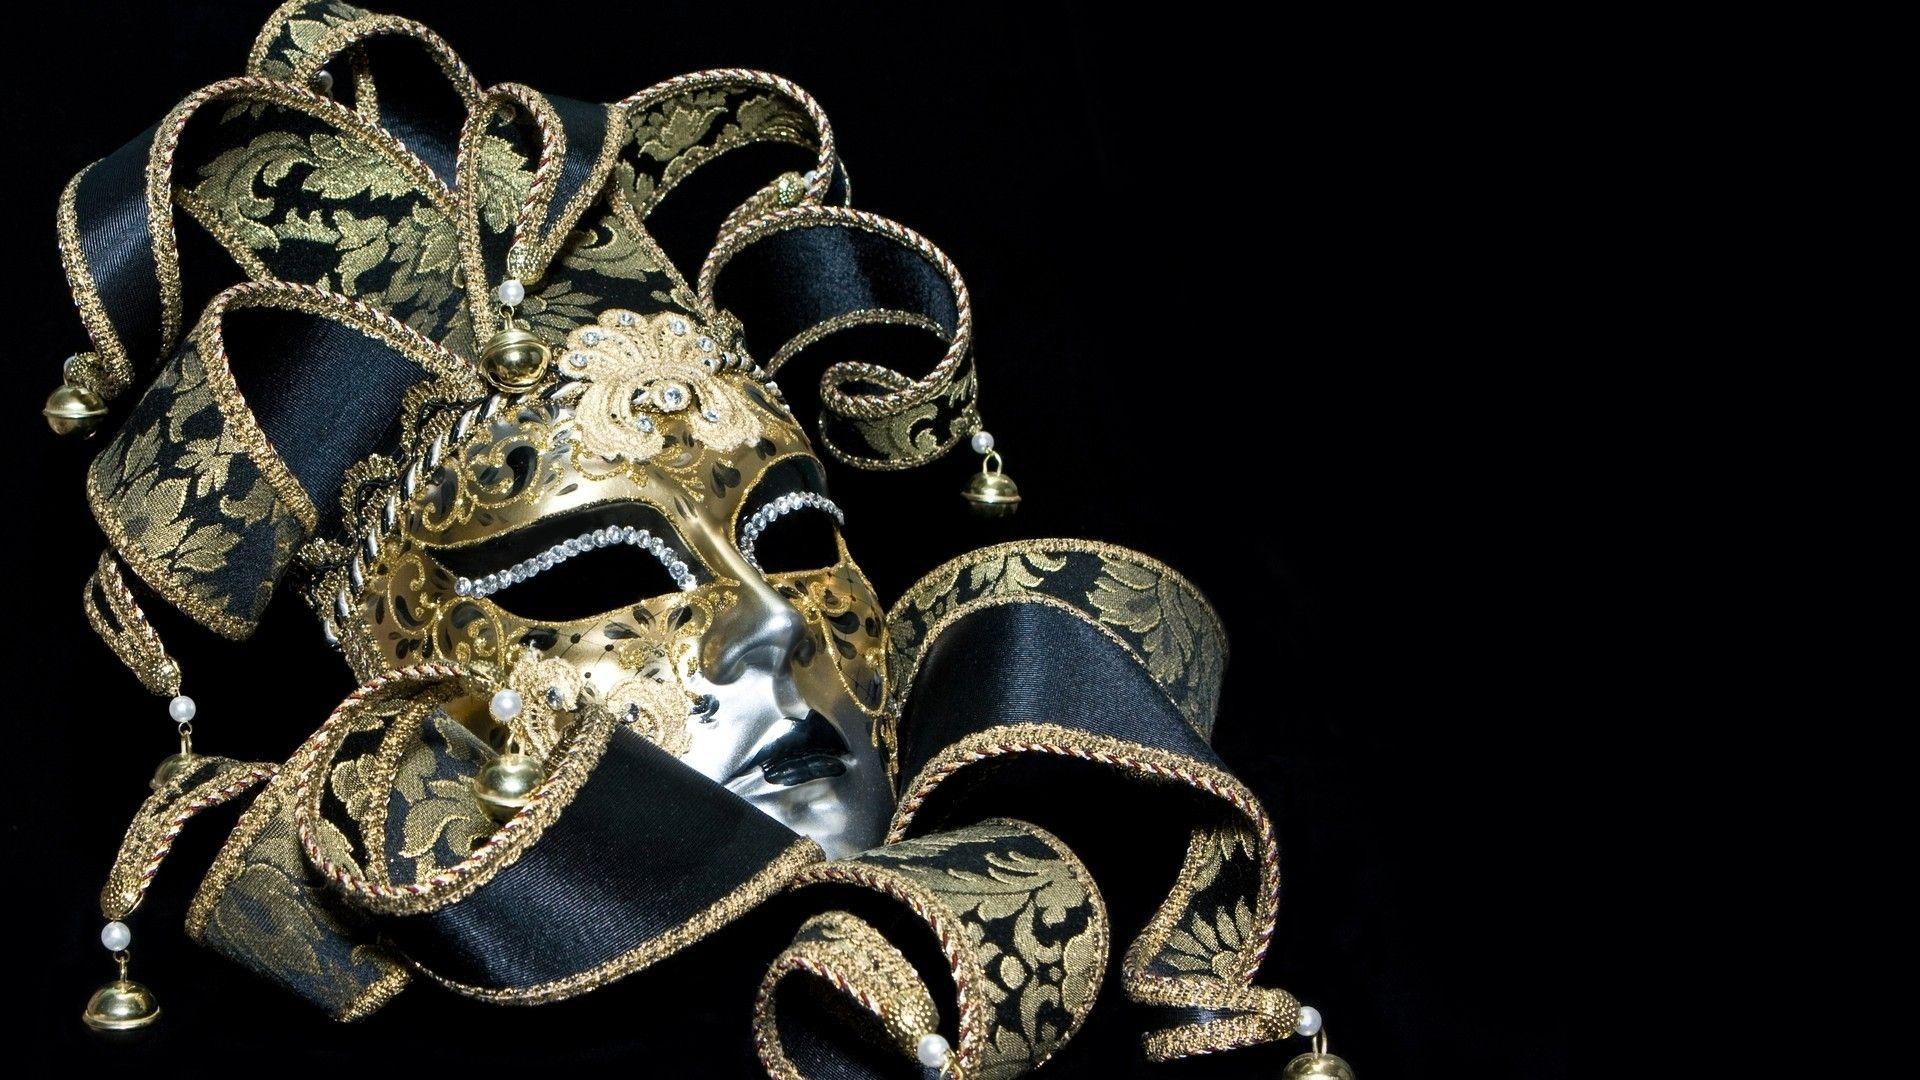 Mask Masquerade Shop Wallpaper 1920x1080 Masquerade